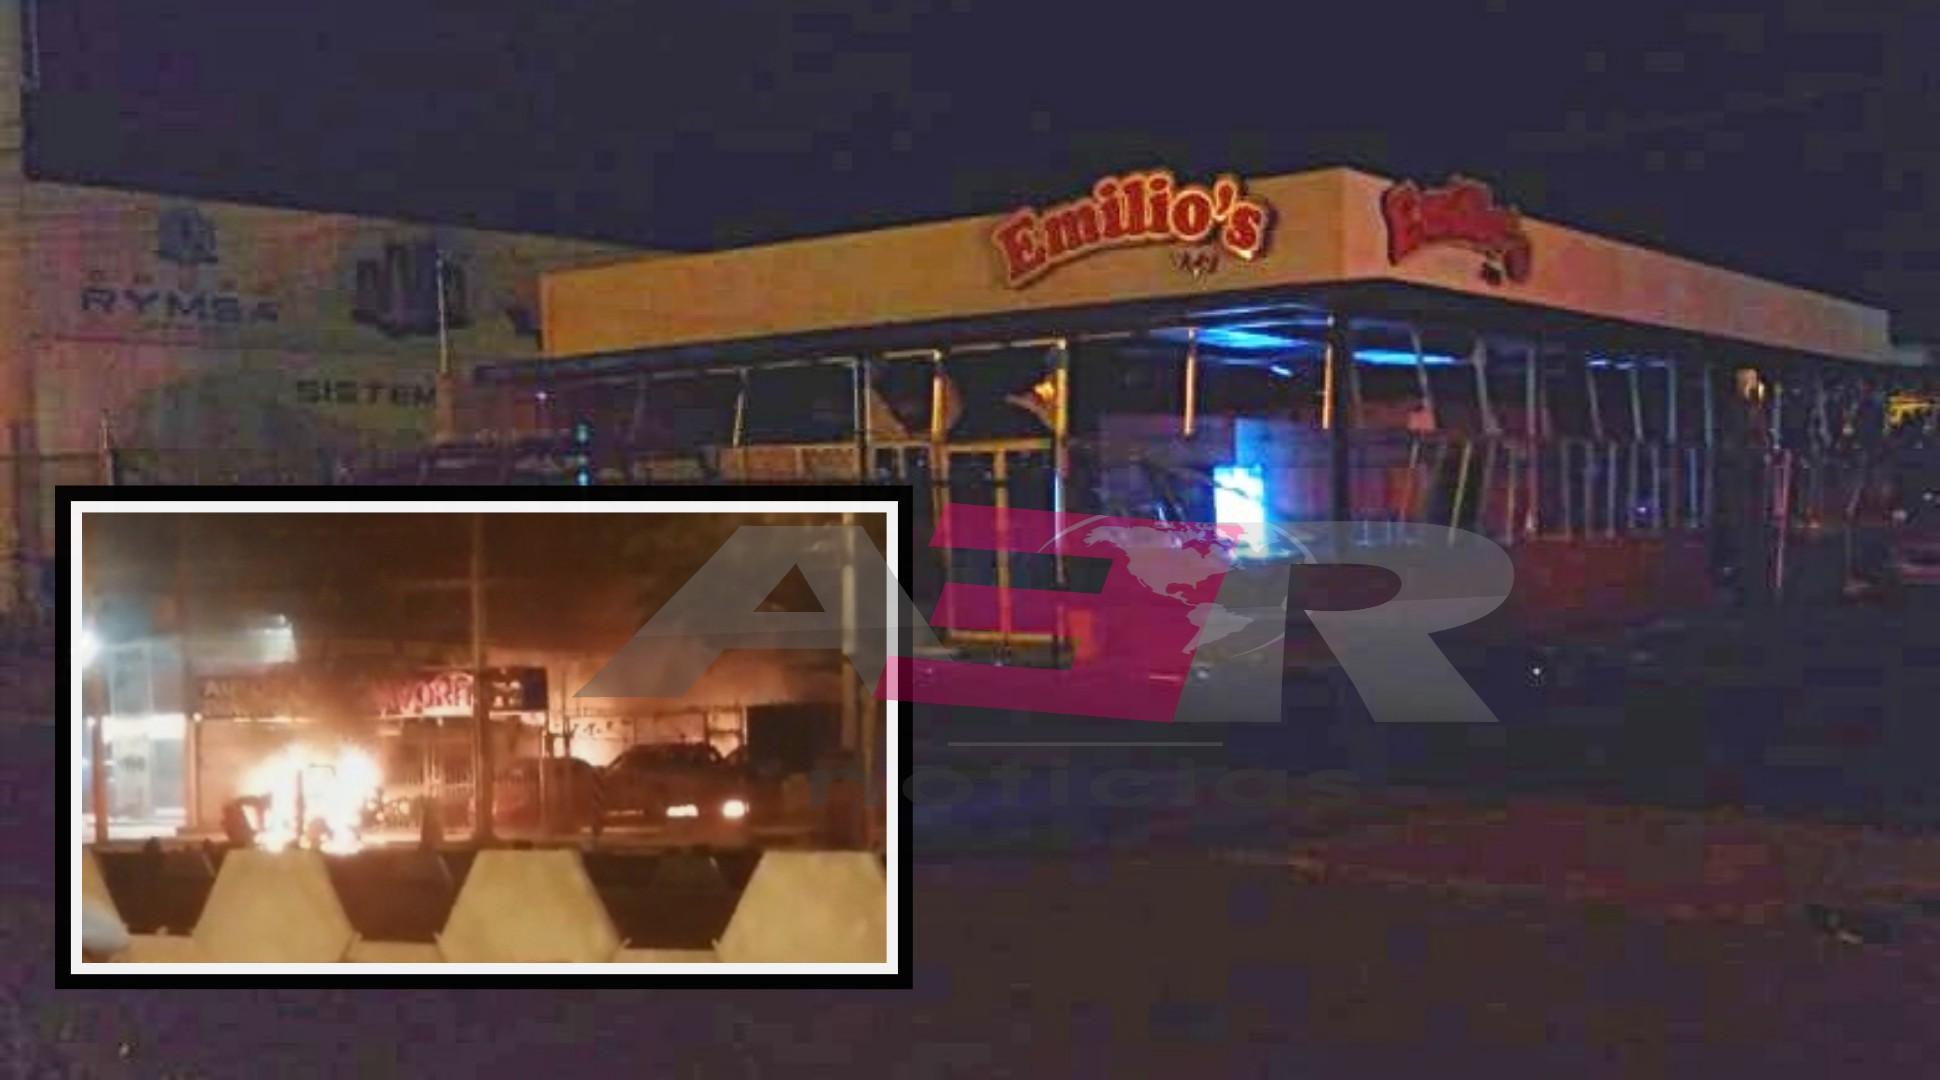 Incendian con artefactos explosivos sucursales de taquería Emilio's en Celaya 4